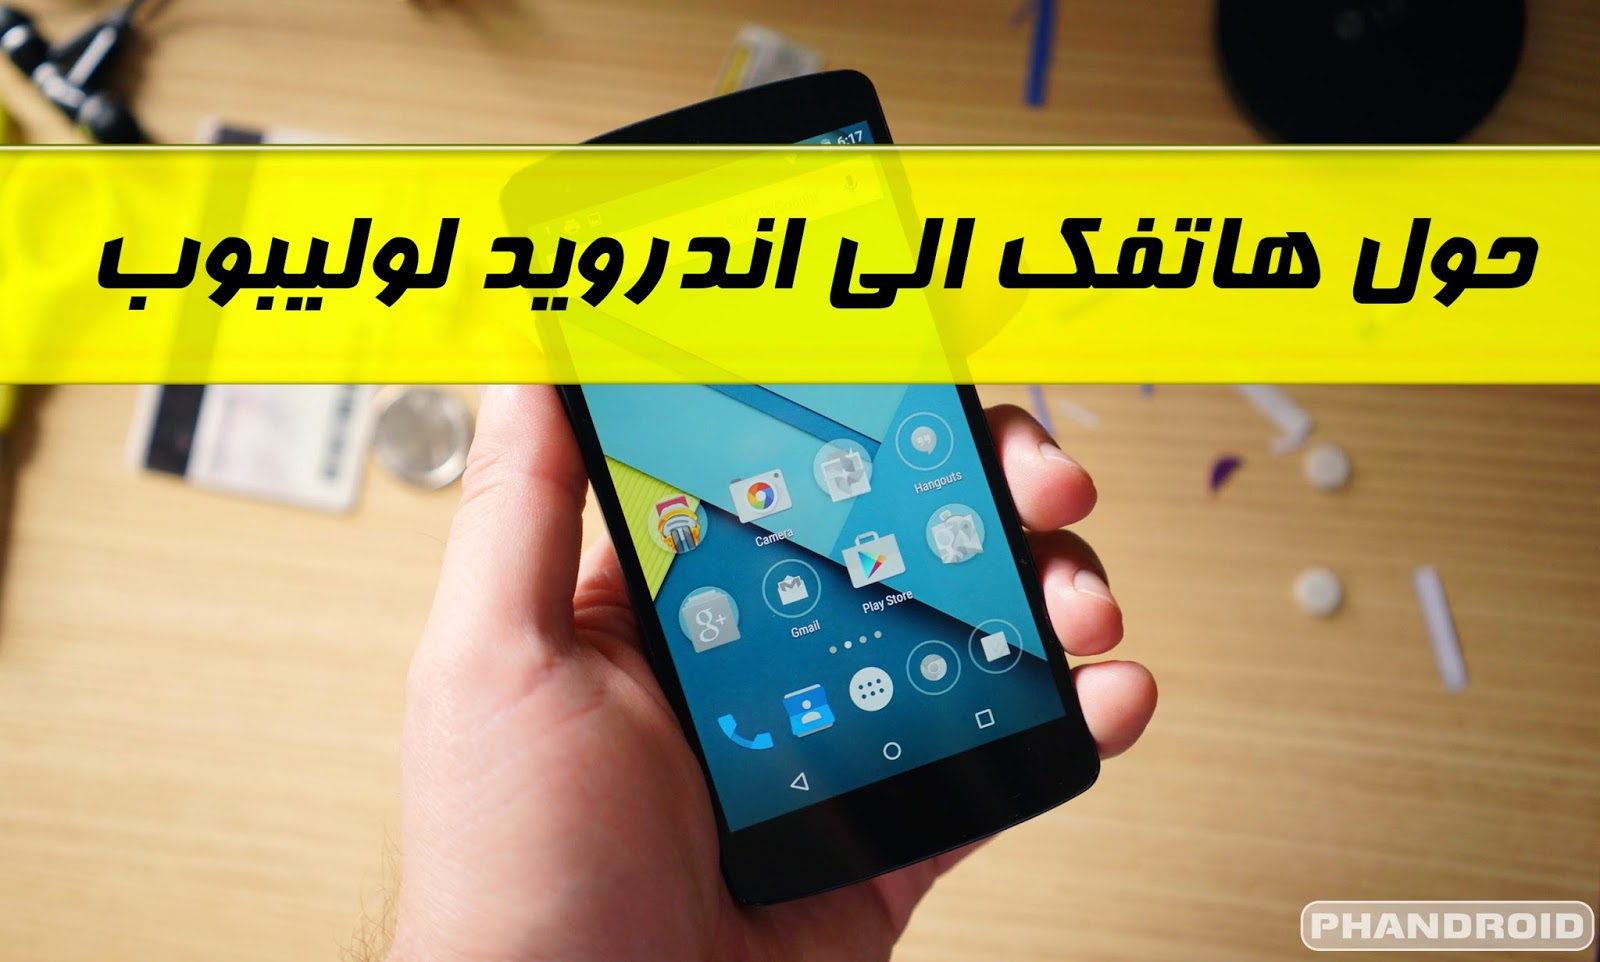 ثلاث تطبيقات لتغيير شكل هاتفك الى اندرويد 5.0 loilpop